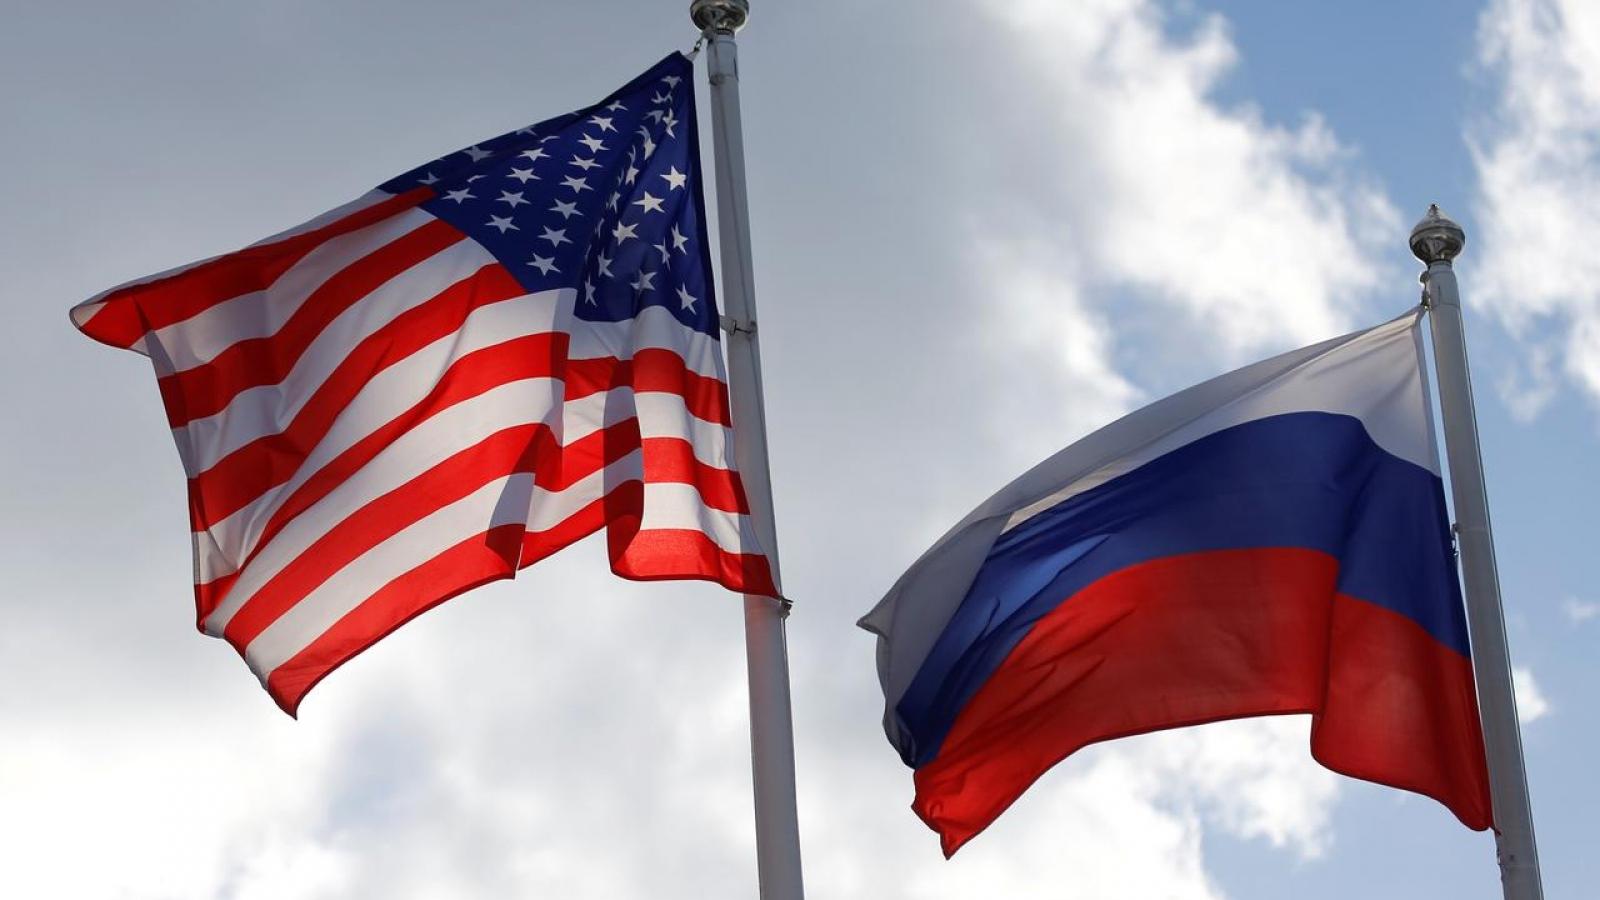 Nga không có kế hoạch thảo luận về vấn đề Crimea với Mỹ